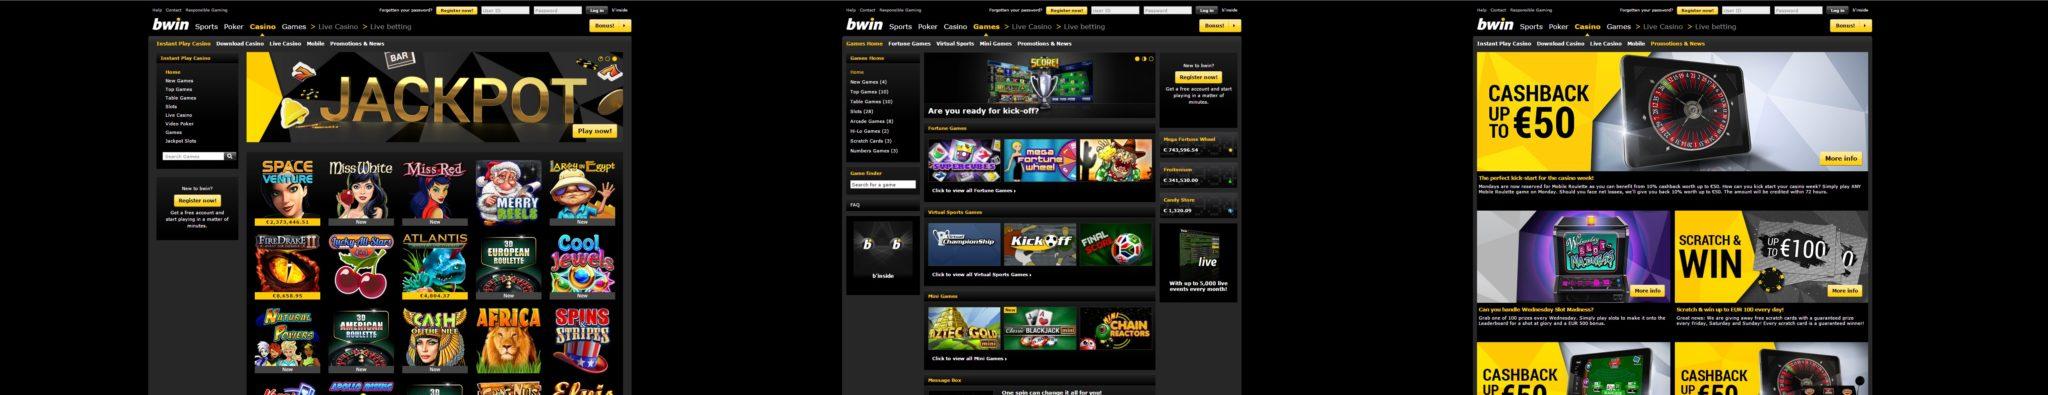 Bwin futbol jackpot casino en Colombia 644716